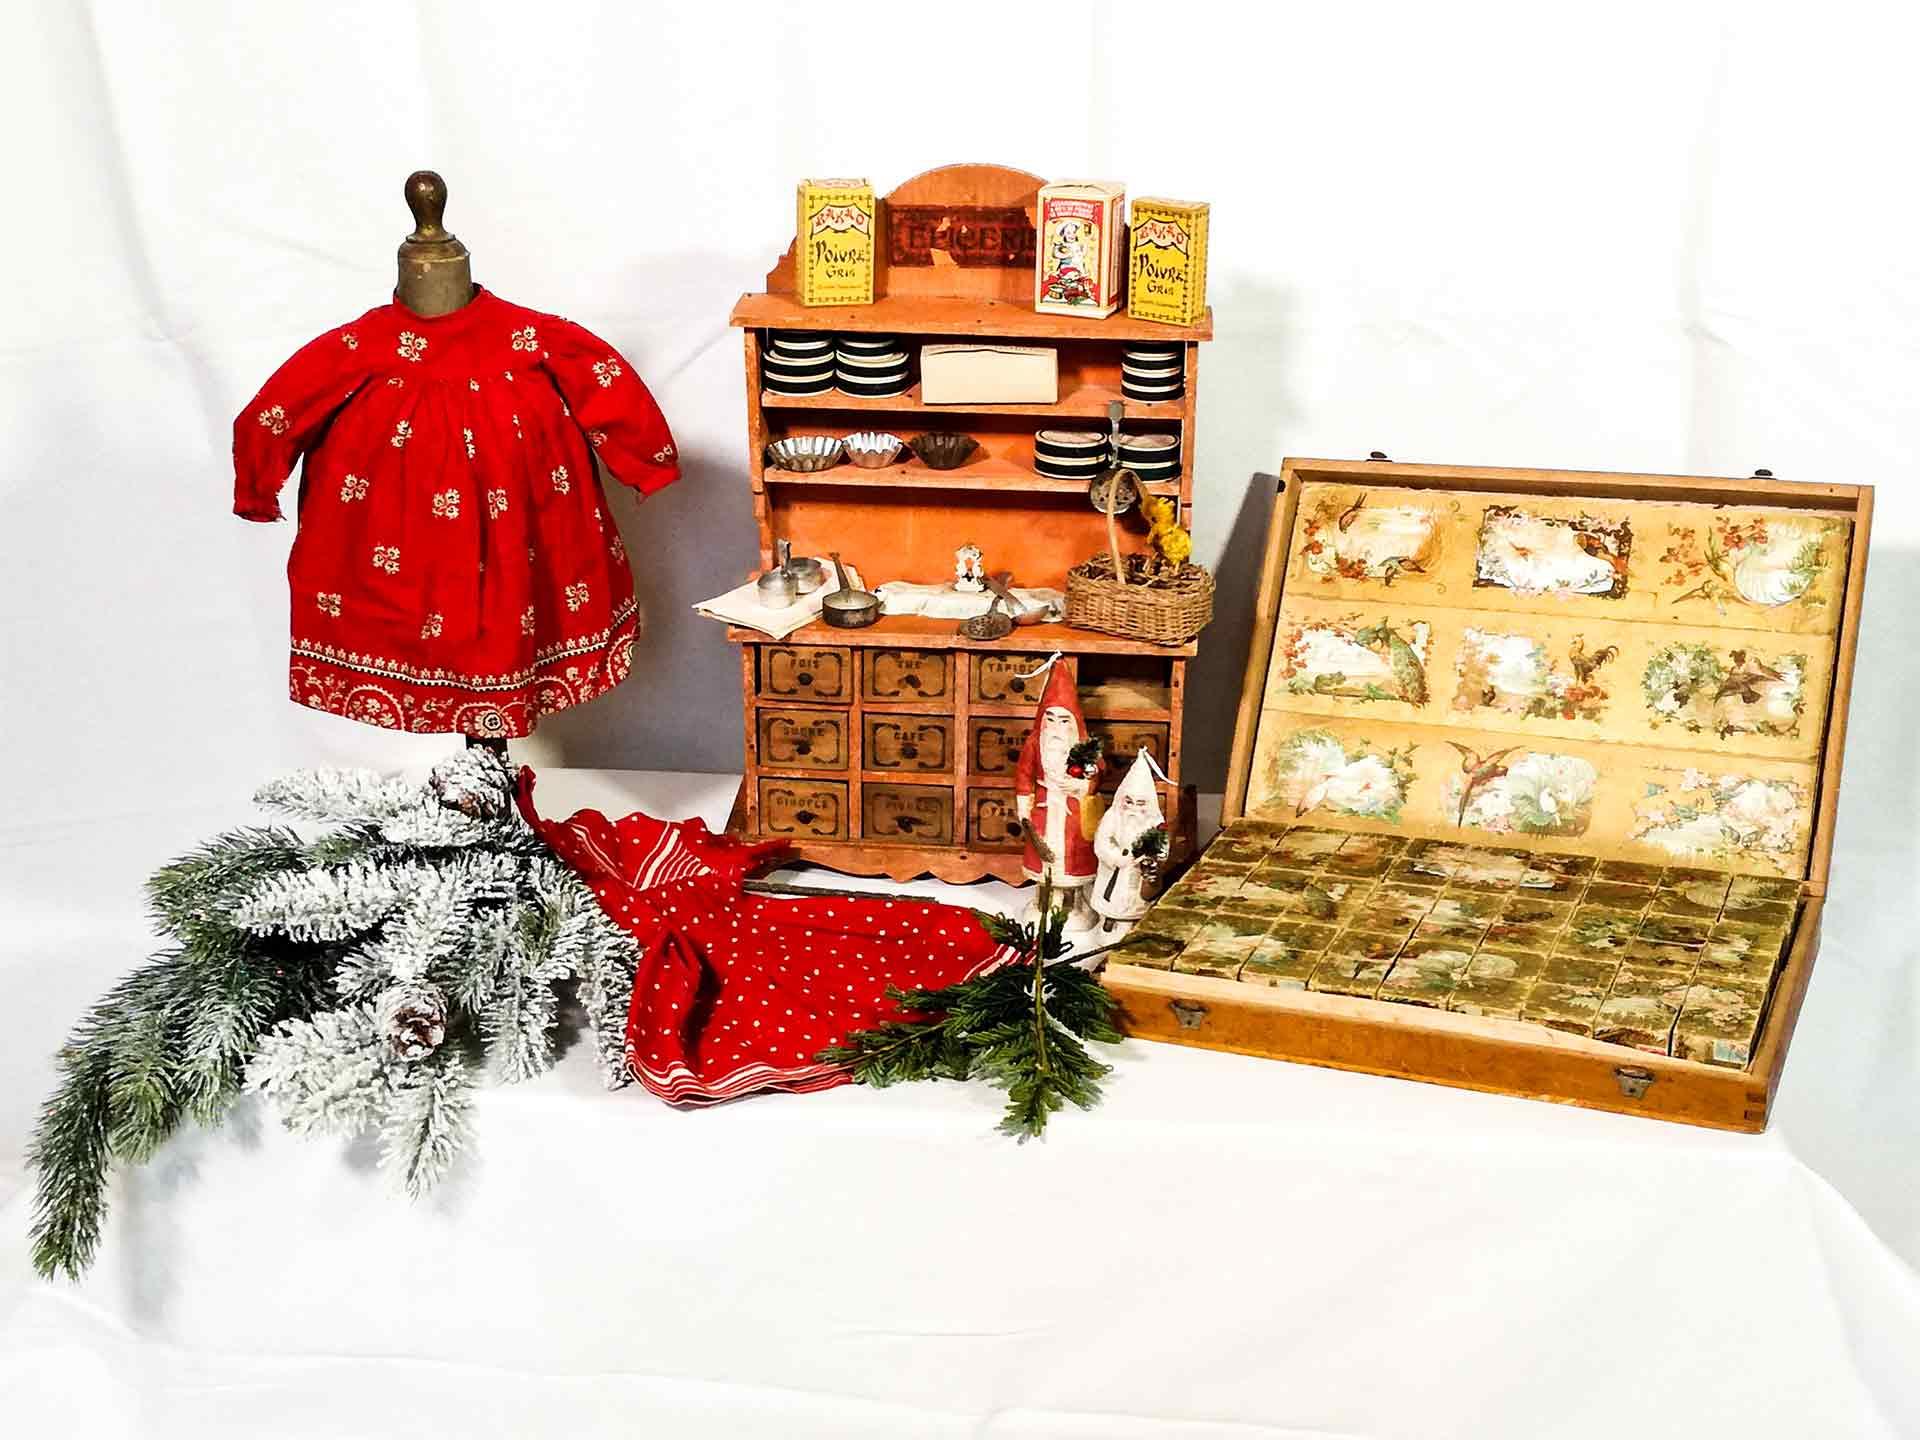 Decorazioni Natalizie Anni 70.Giocattoli Antichi Per Un Natale Dal Sapore Vittoriano